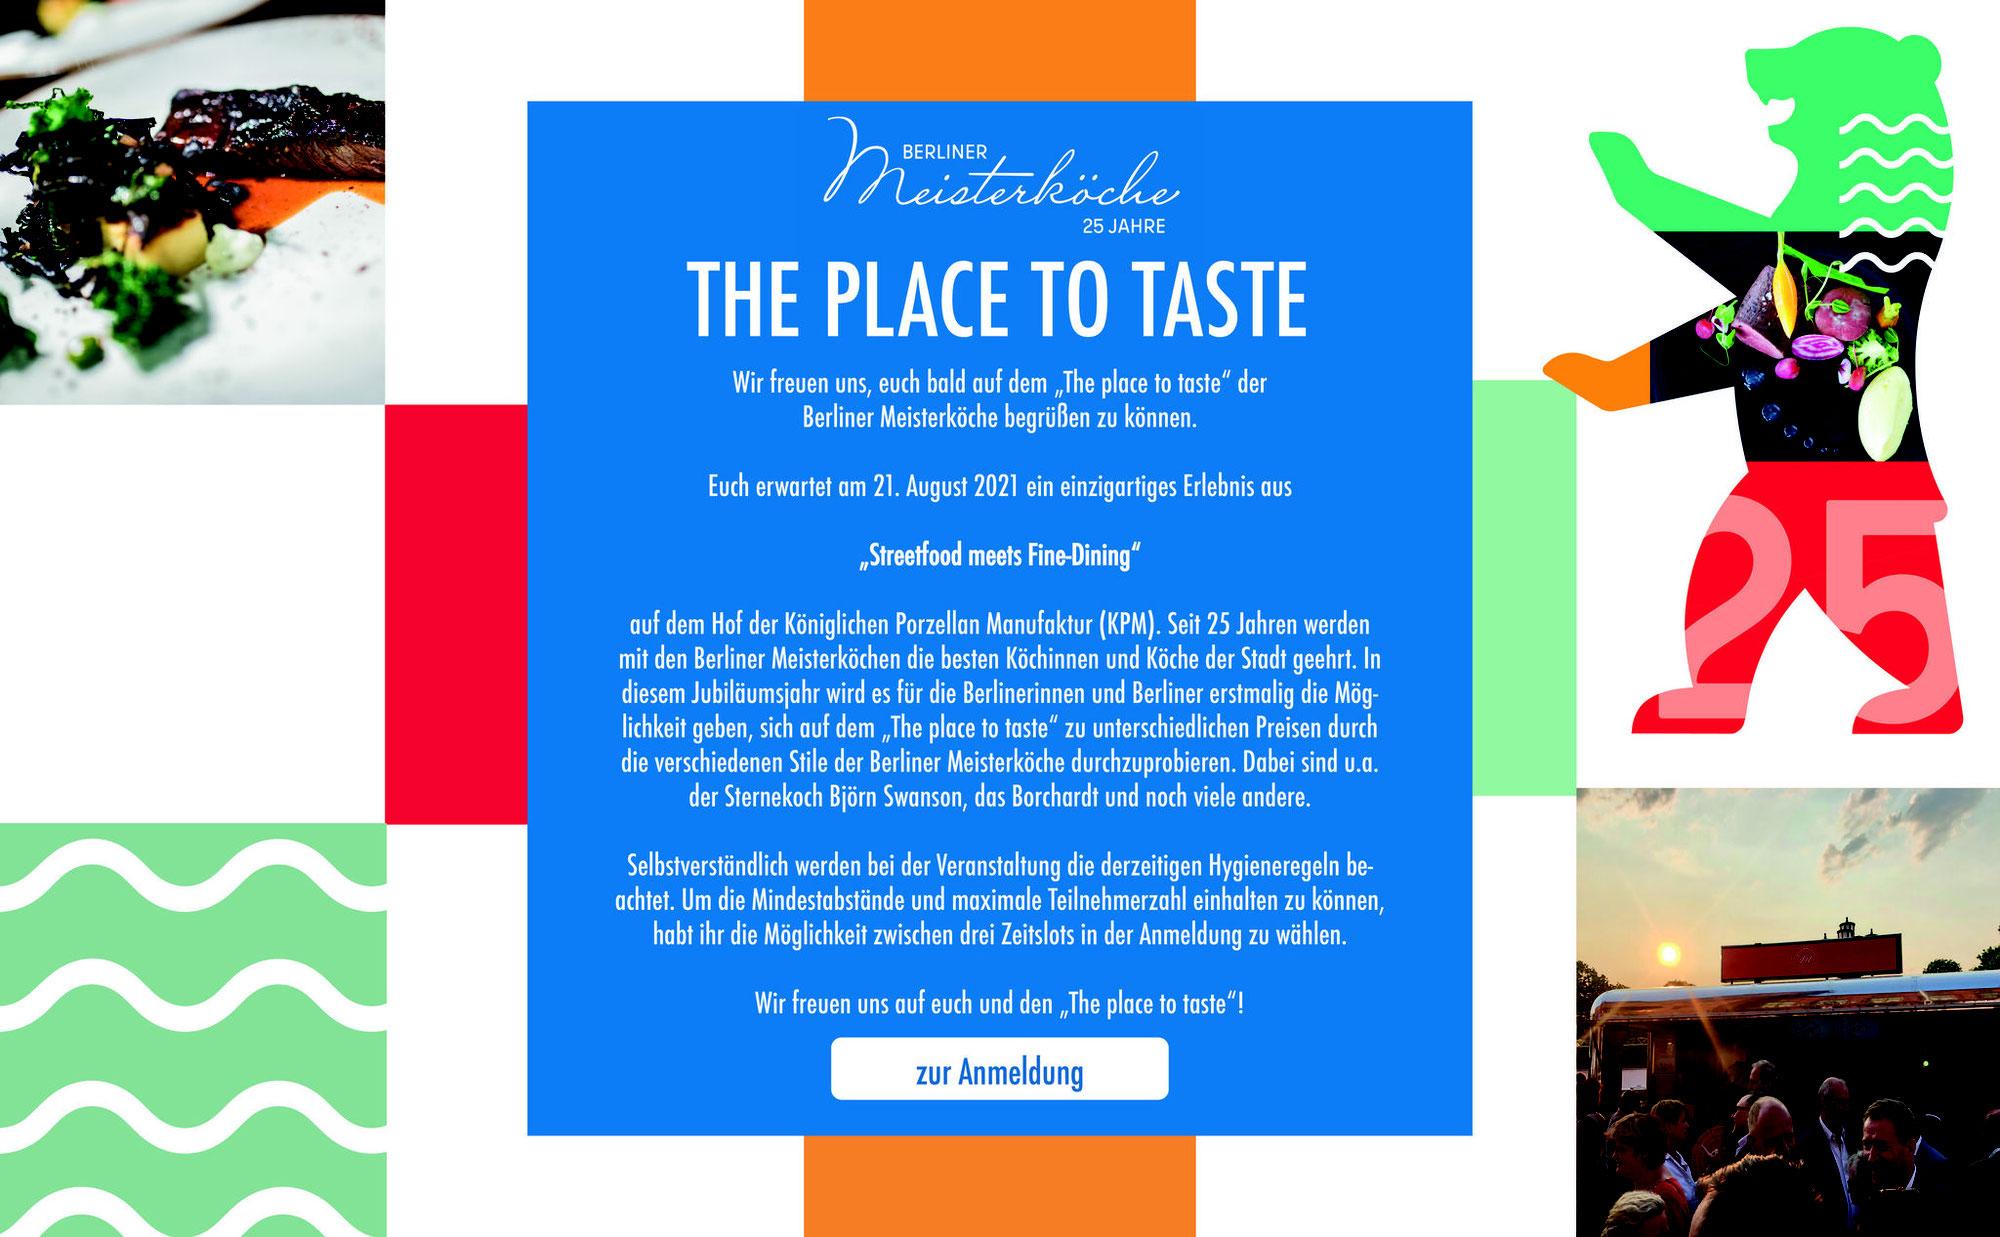 Berliner Meisterköche: Place to taste